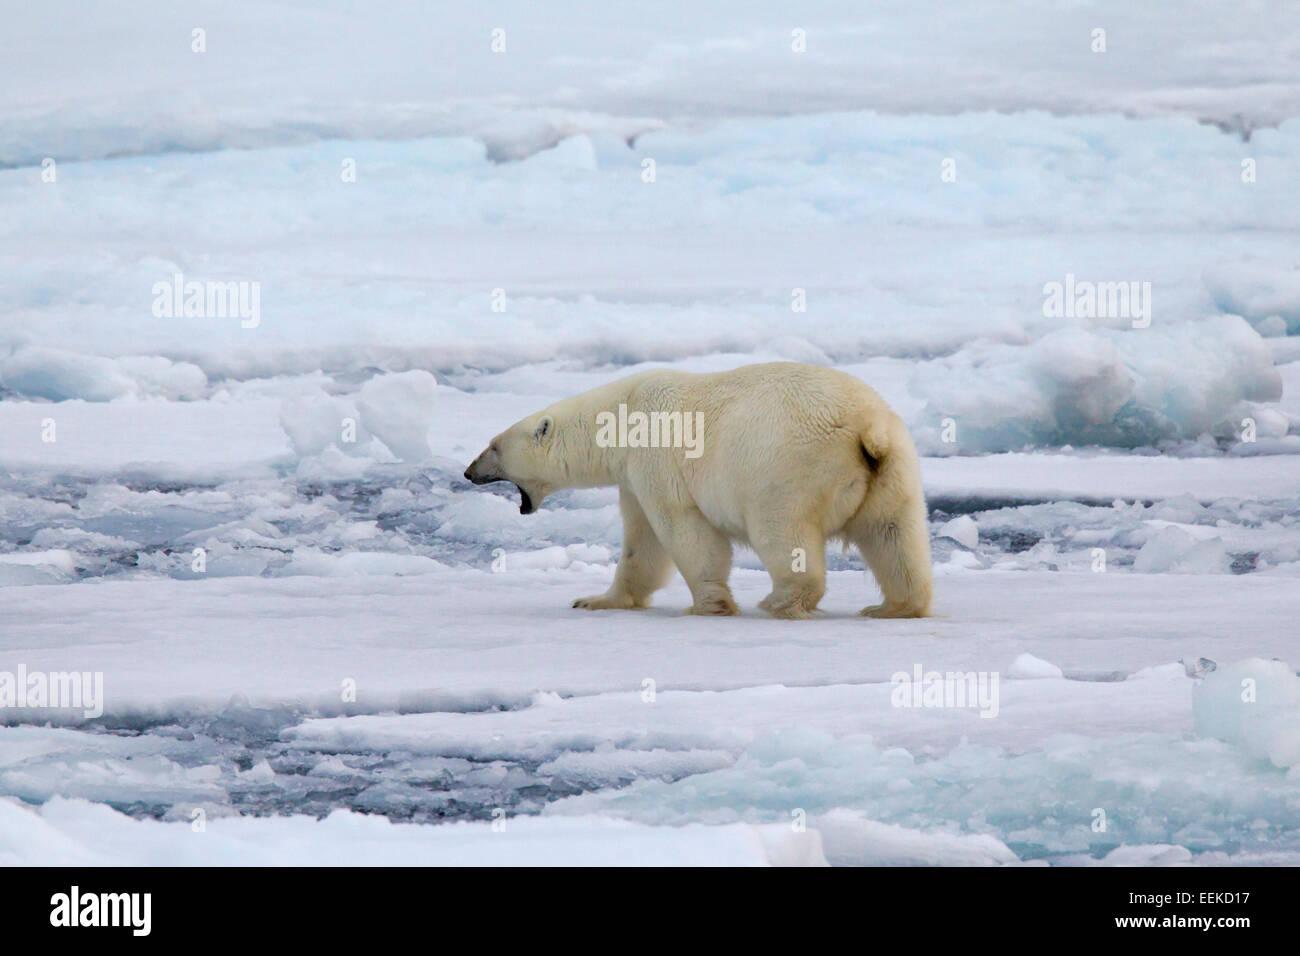 Grunting Polar bear (Ursus maritimus / Thalarctos maritimus) walking on pack ice, Svalbard, Norway - Stock Image